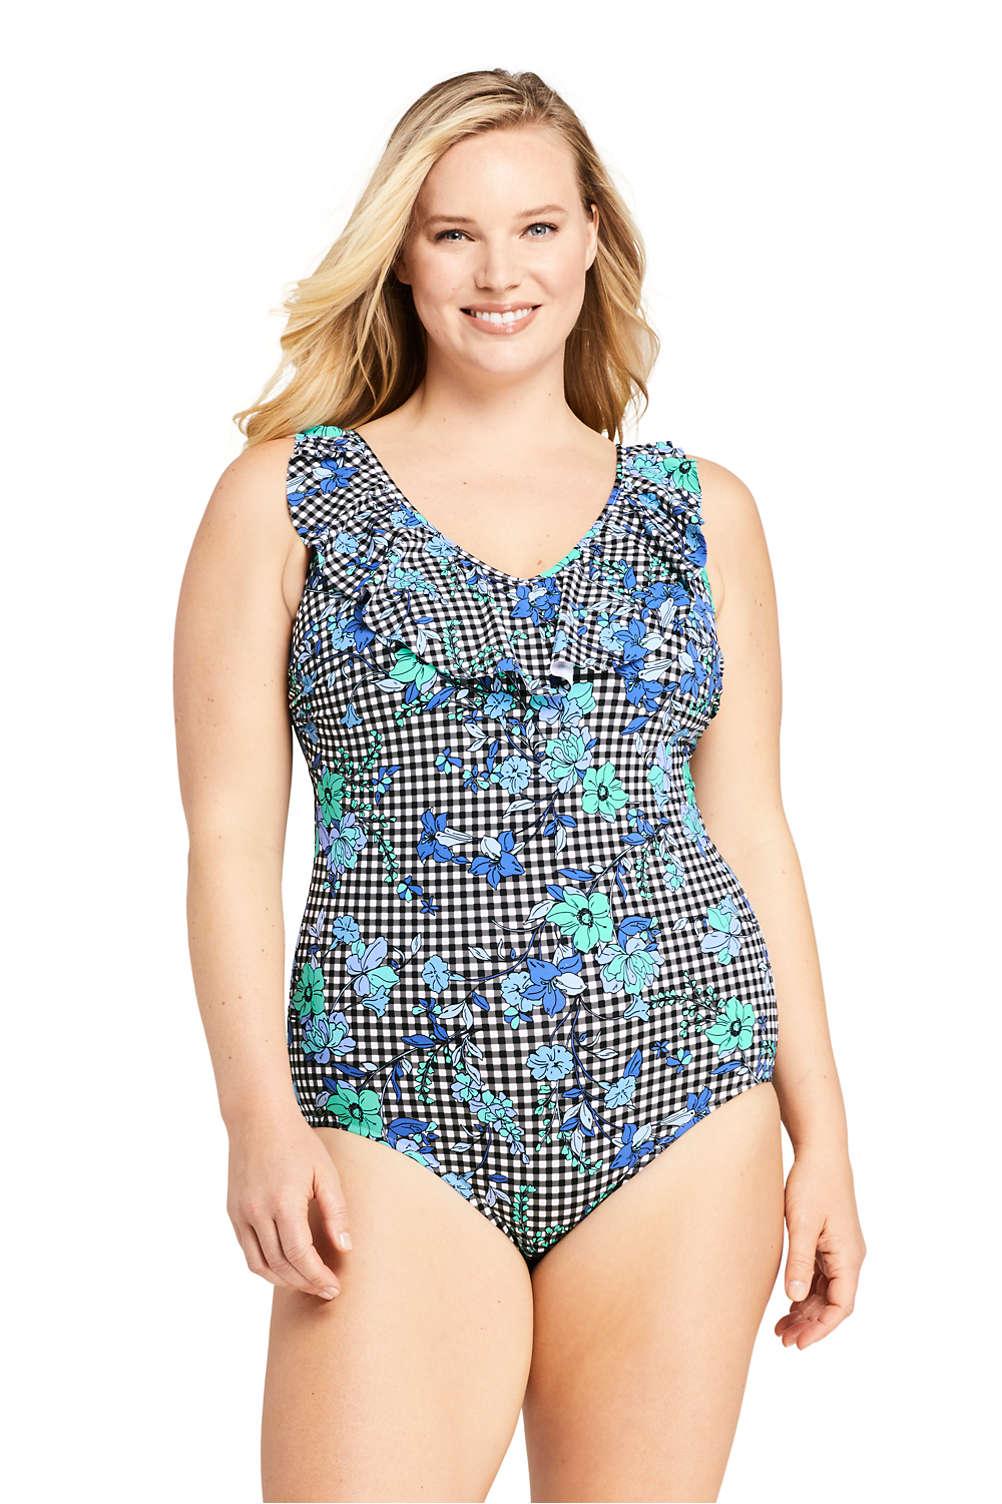 32cc4783124de Women s Plus Size Ruffle V-neck One Piece Swimsuit Print from Lands  End